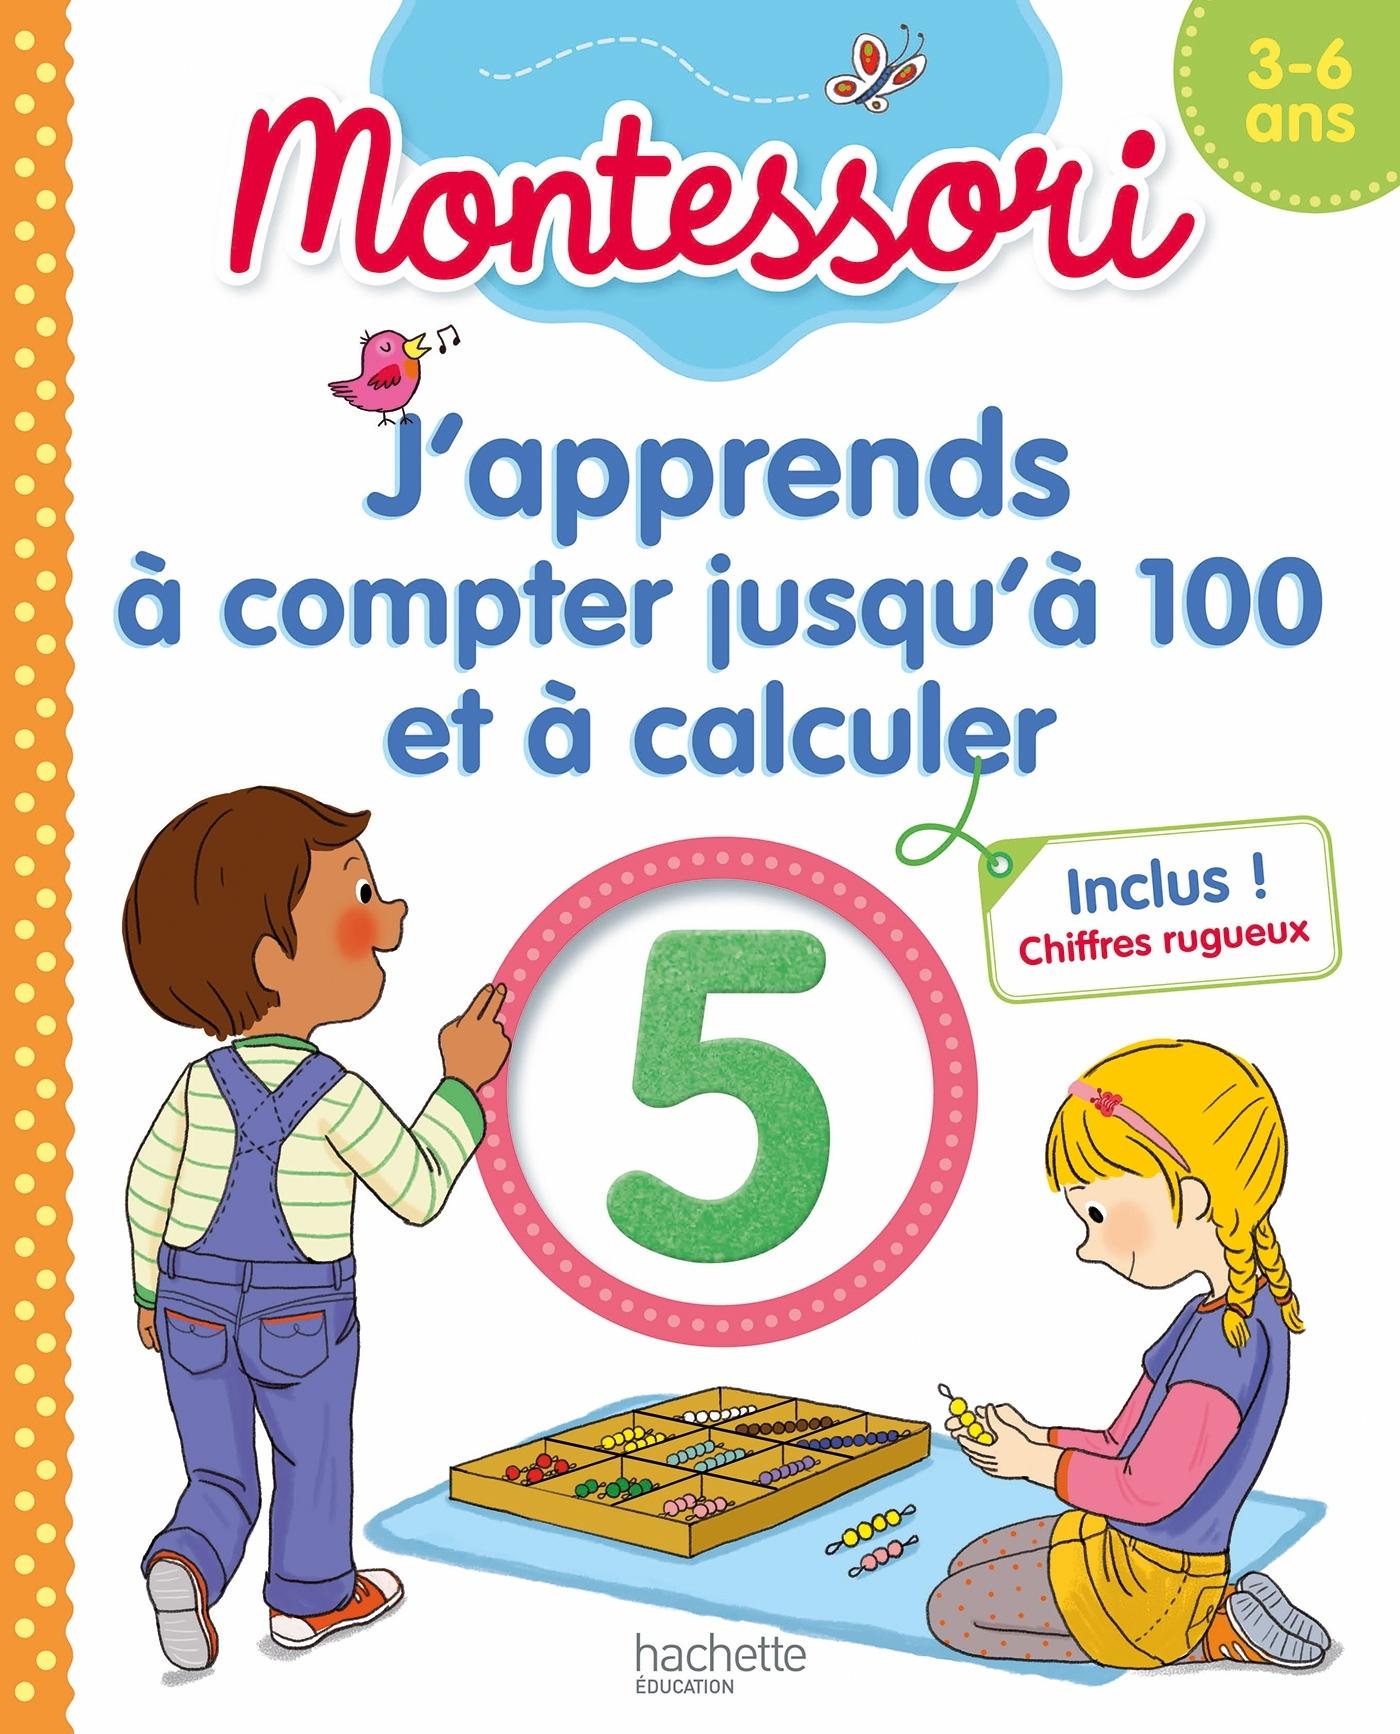 MONTESSORI J'APPRENDS A COMPTER JUSQU'A 100 ET A CALCULER 3-6 ANS